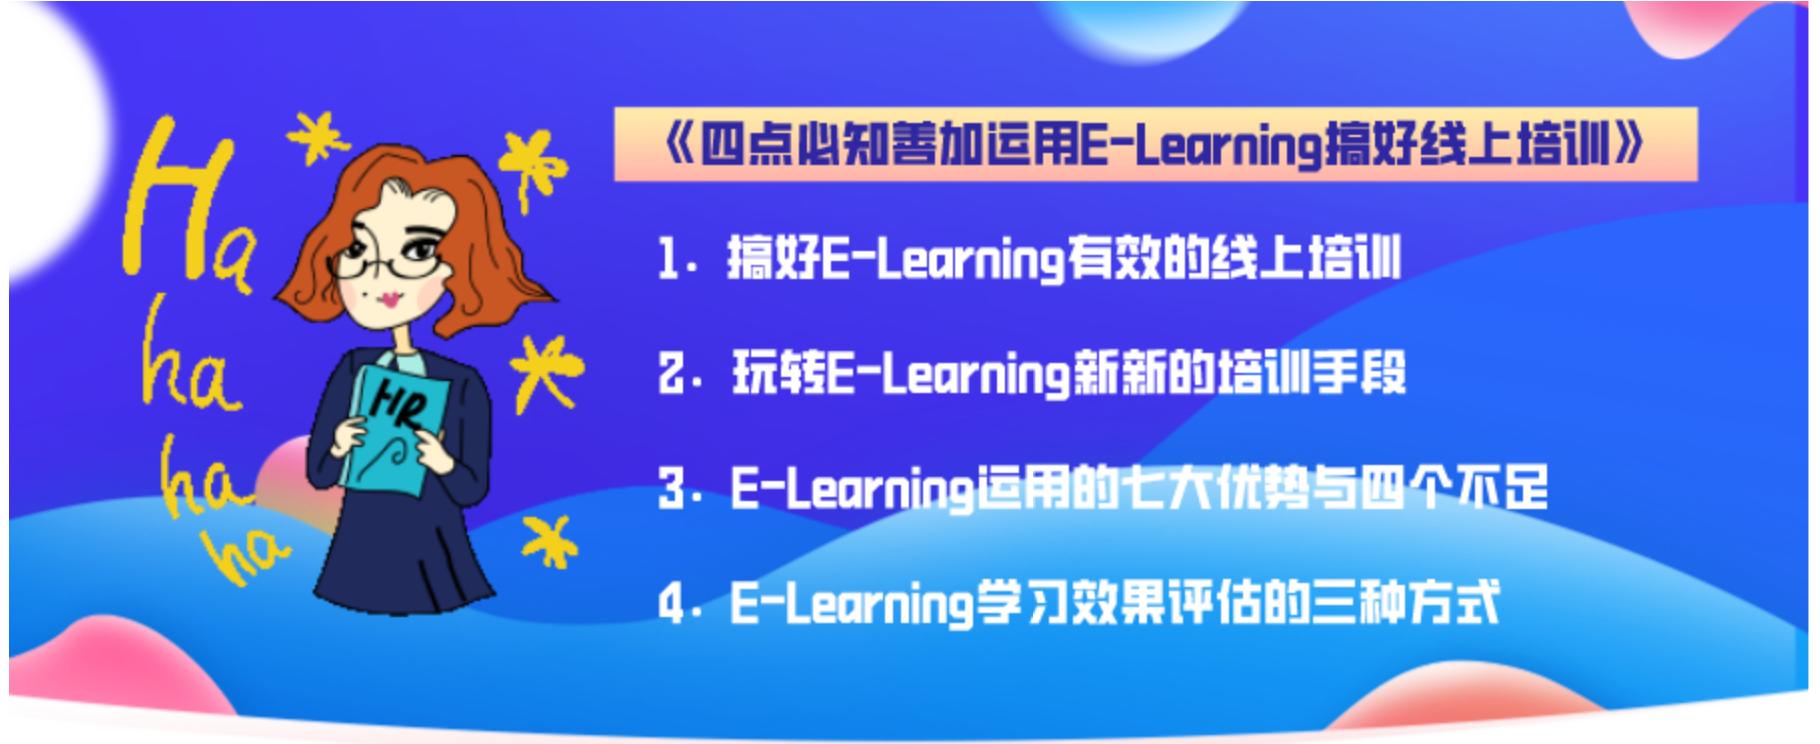 搞好E-Learning线上培训,掌握这四点技巧,让你的线上培训更有效